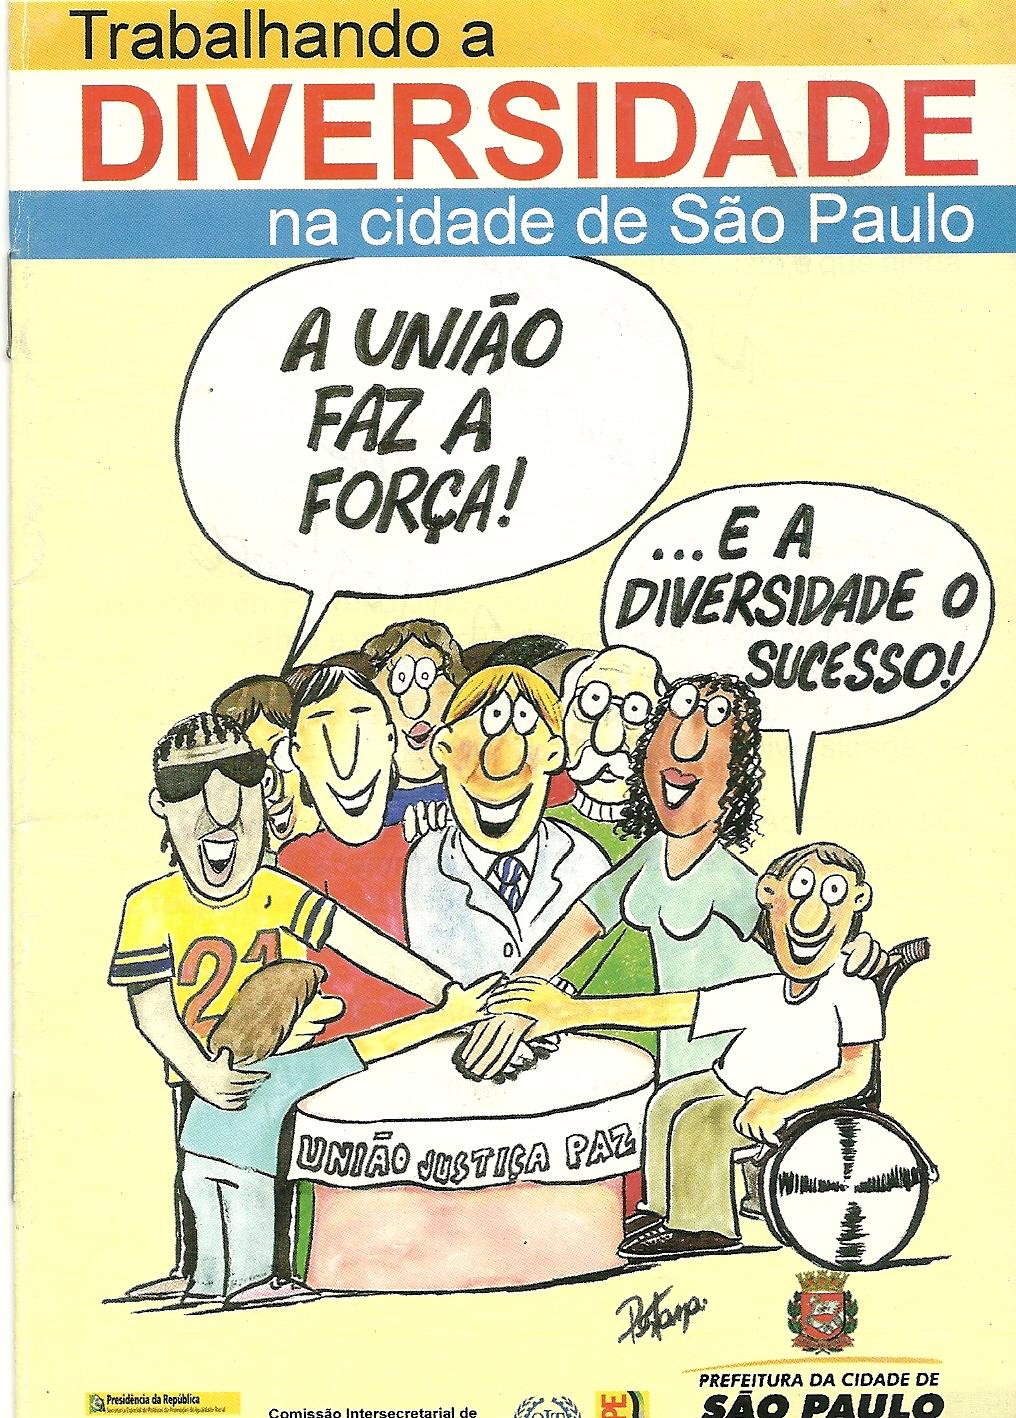 Trabalhando a Diversidade na cidade de São Paulo | Mauricio Pestana